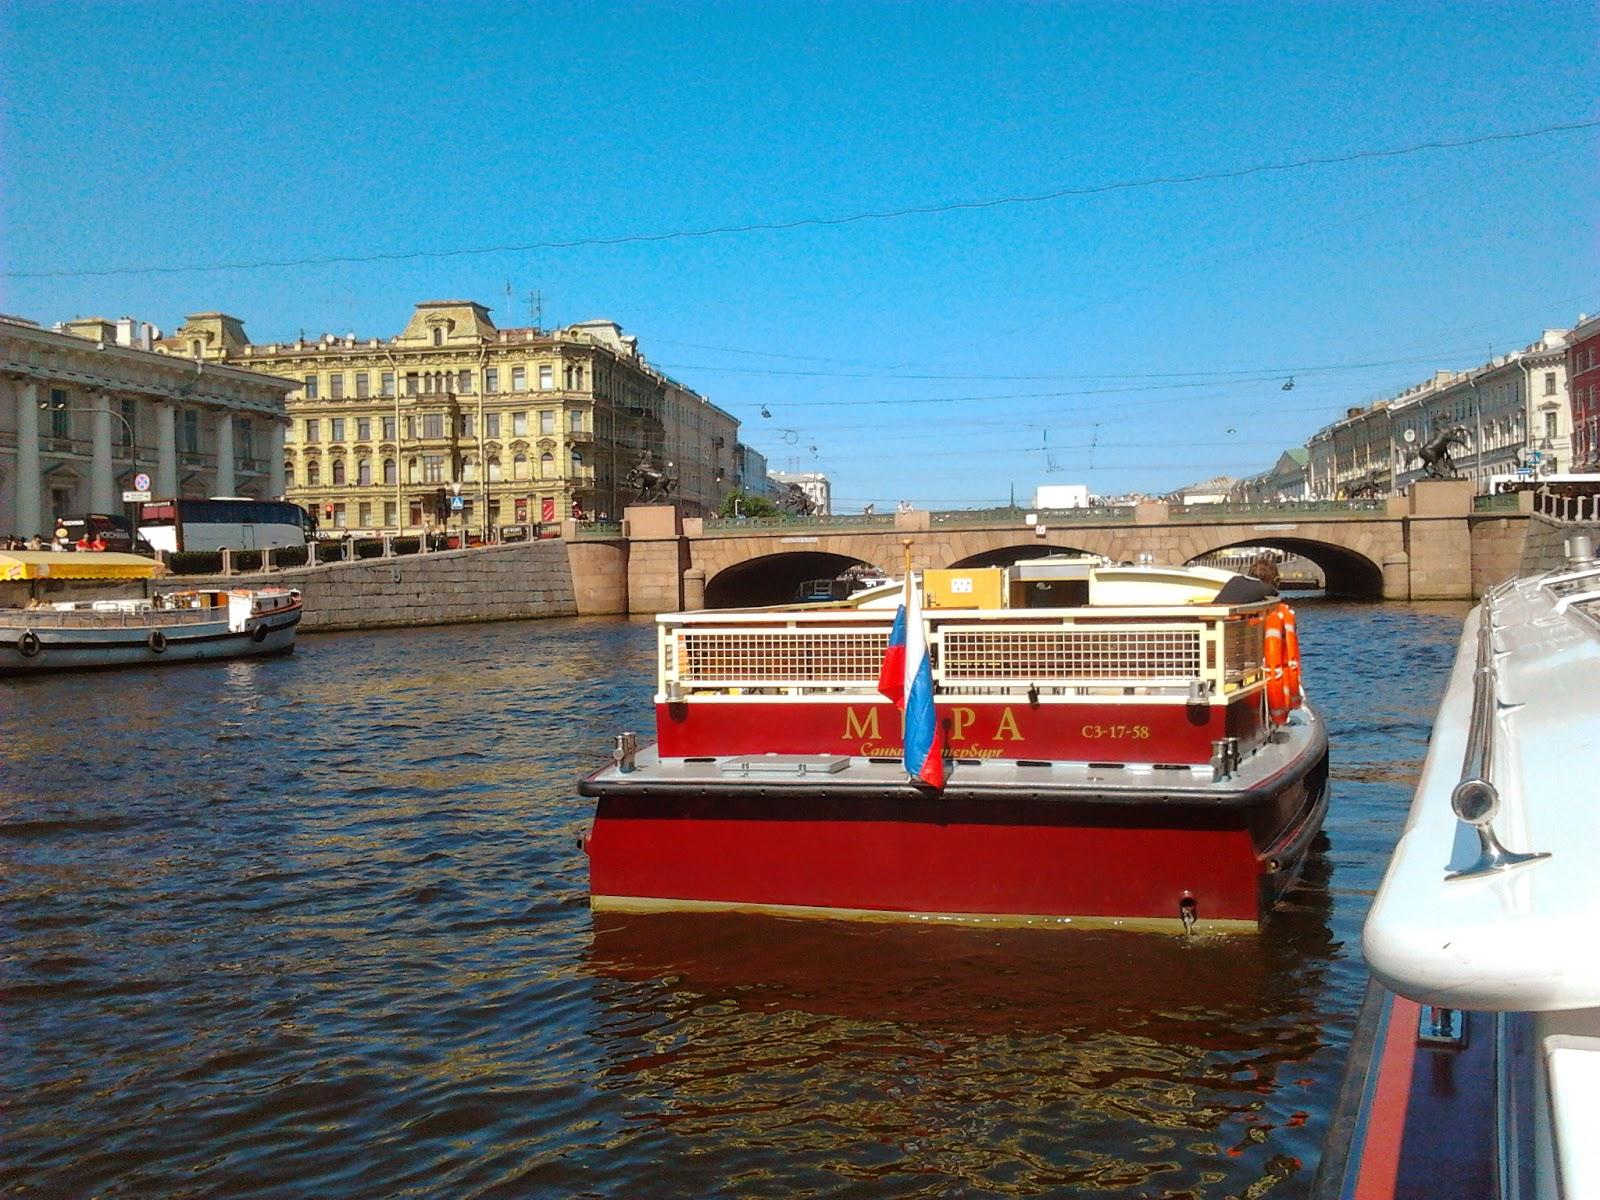 Еще в разделе прогулки на теплоходах по рекам и каналам санкт-петербурга.